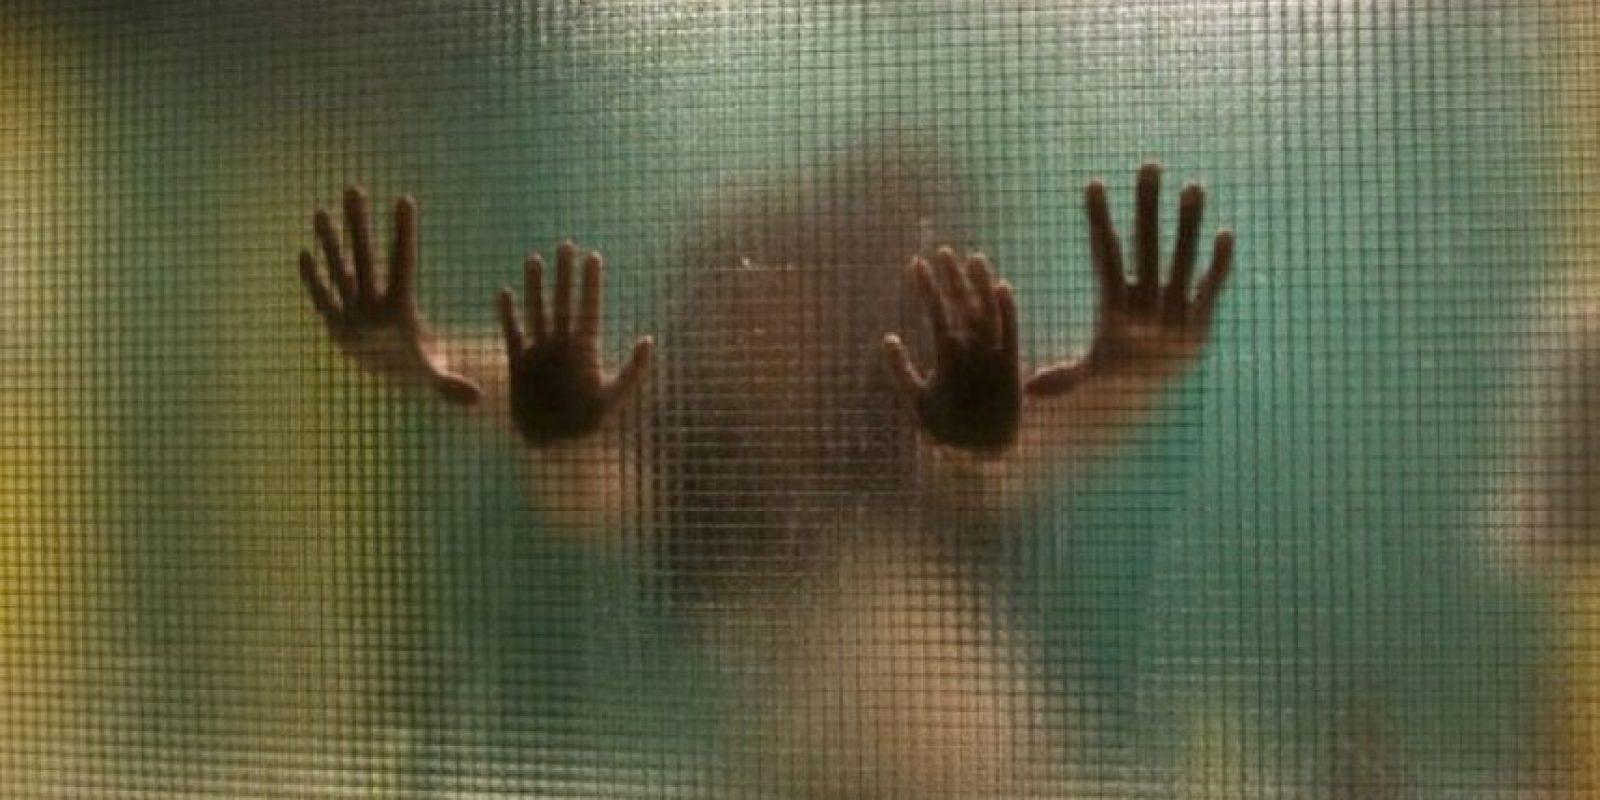 Expertos del Hospital Spire Bushey, de Londres, afirman que una vida sexual activa fortalece los músculos pélvicos de las mujeres y reduce el riesgo de sufrir incontinencia (a partir de los 40 años) o un prolapso uterino (a partir de los 50). Foto:Getty Images